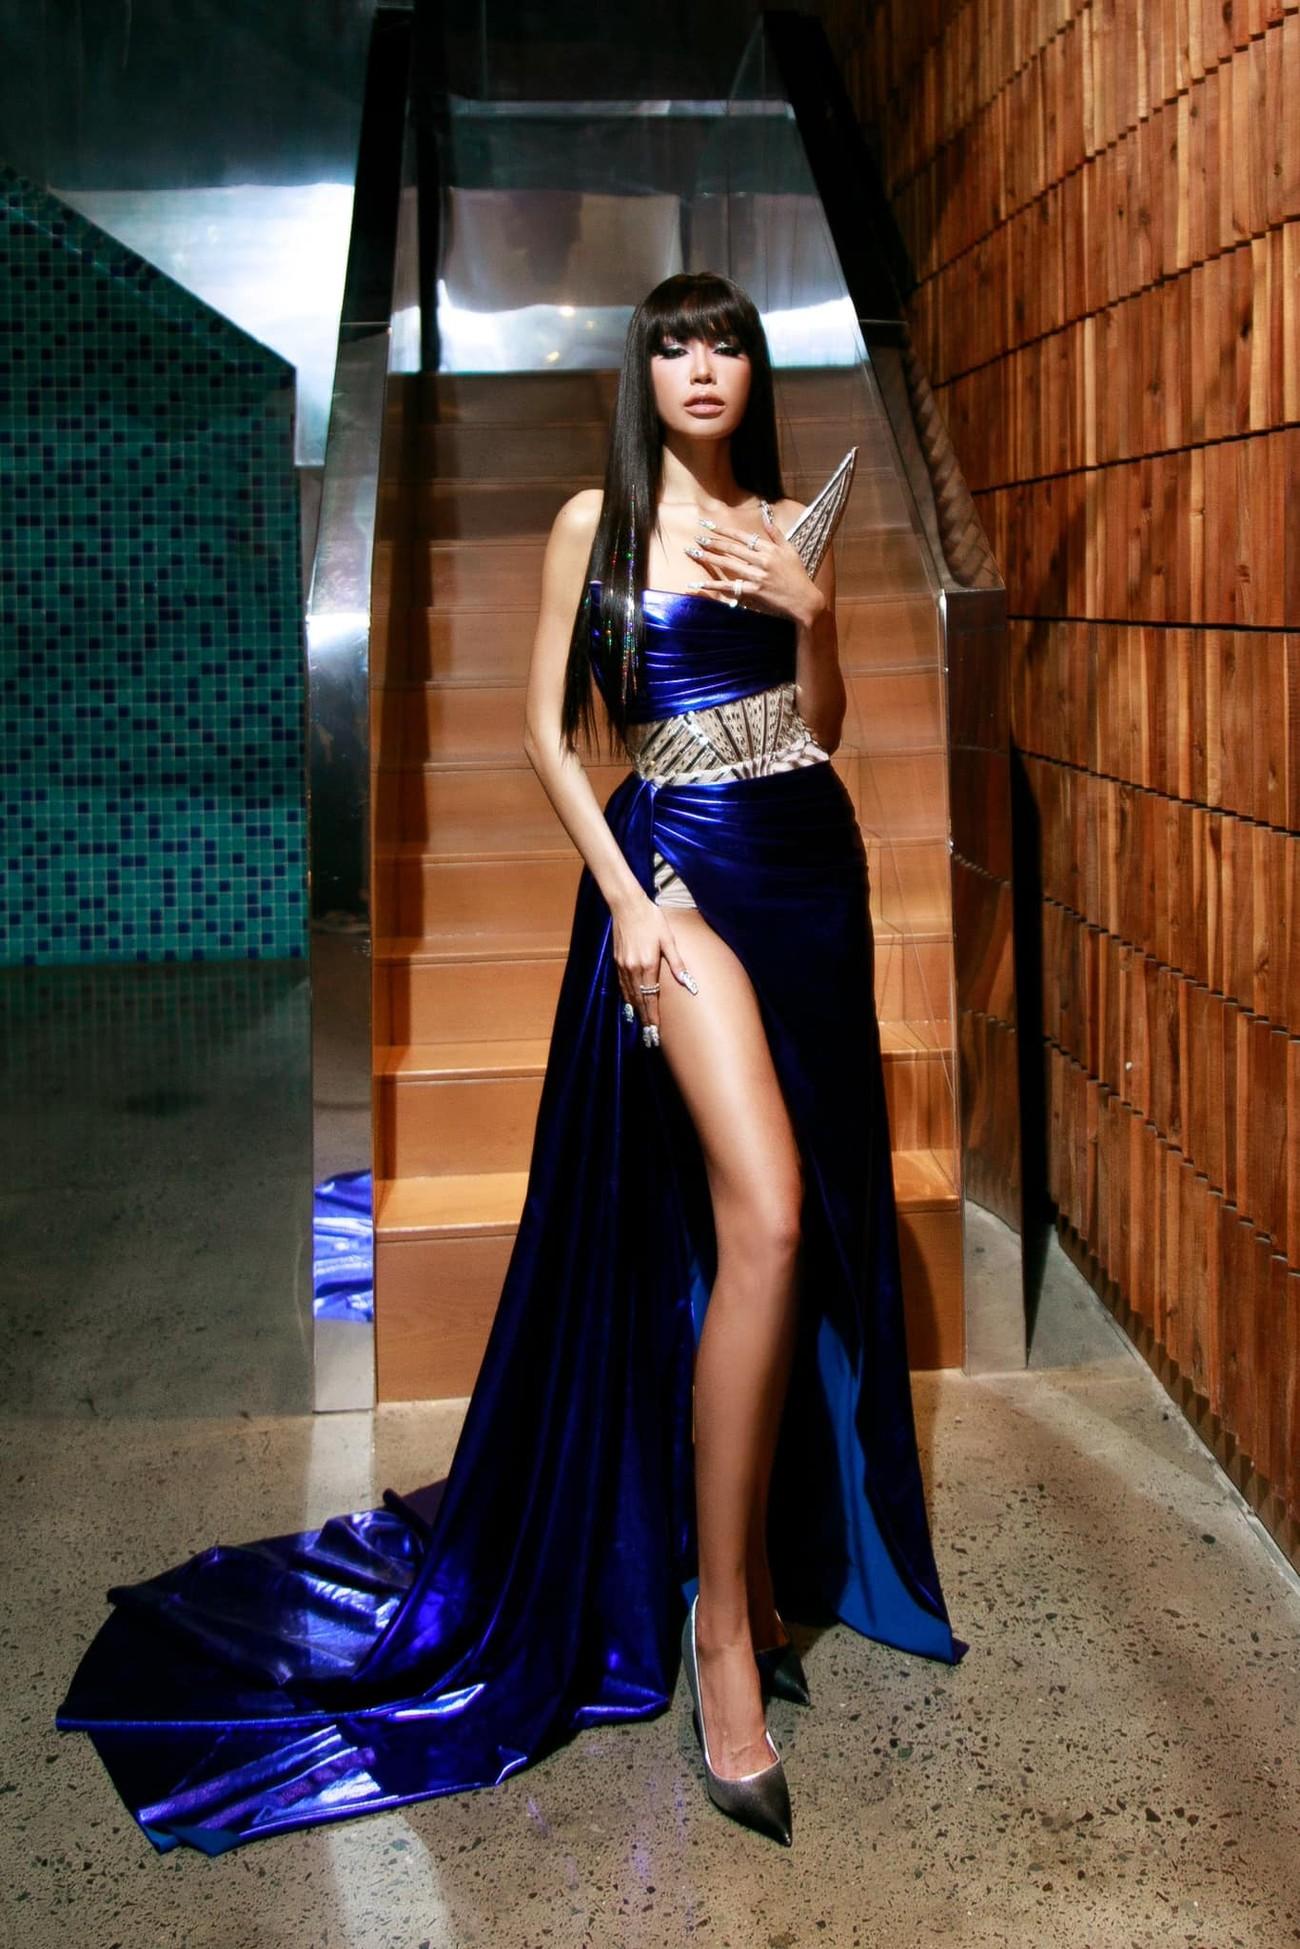 Đỗ Thị Hà mặc mốt giấu quần khoe chân dài sexy, Hoàng Thuỳ diện váy tua rua cắt xẻ táo bạo ảnh 8